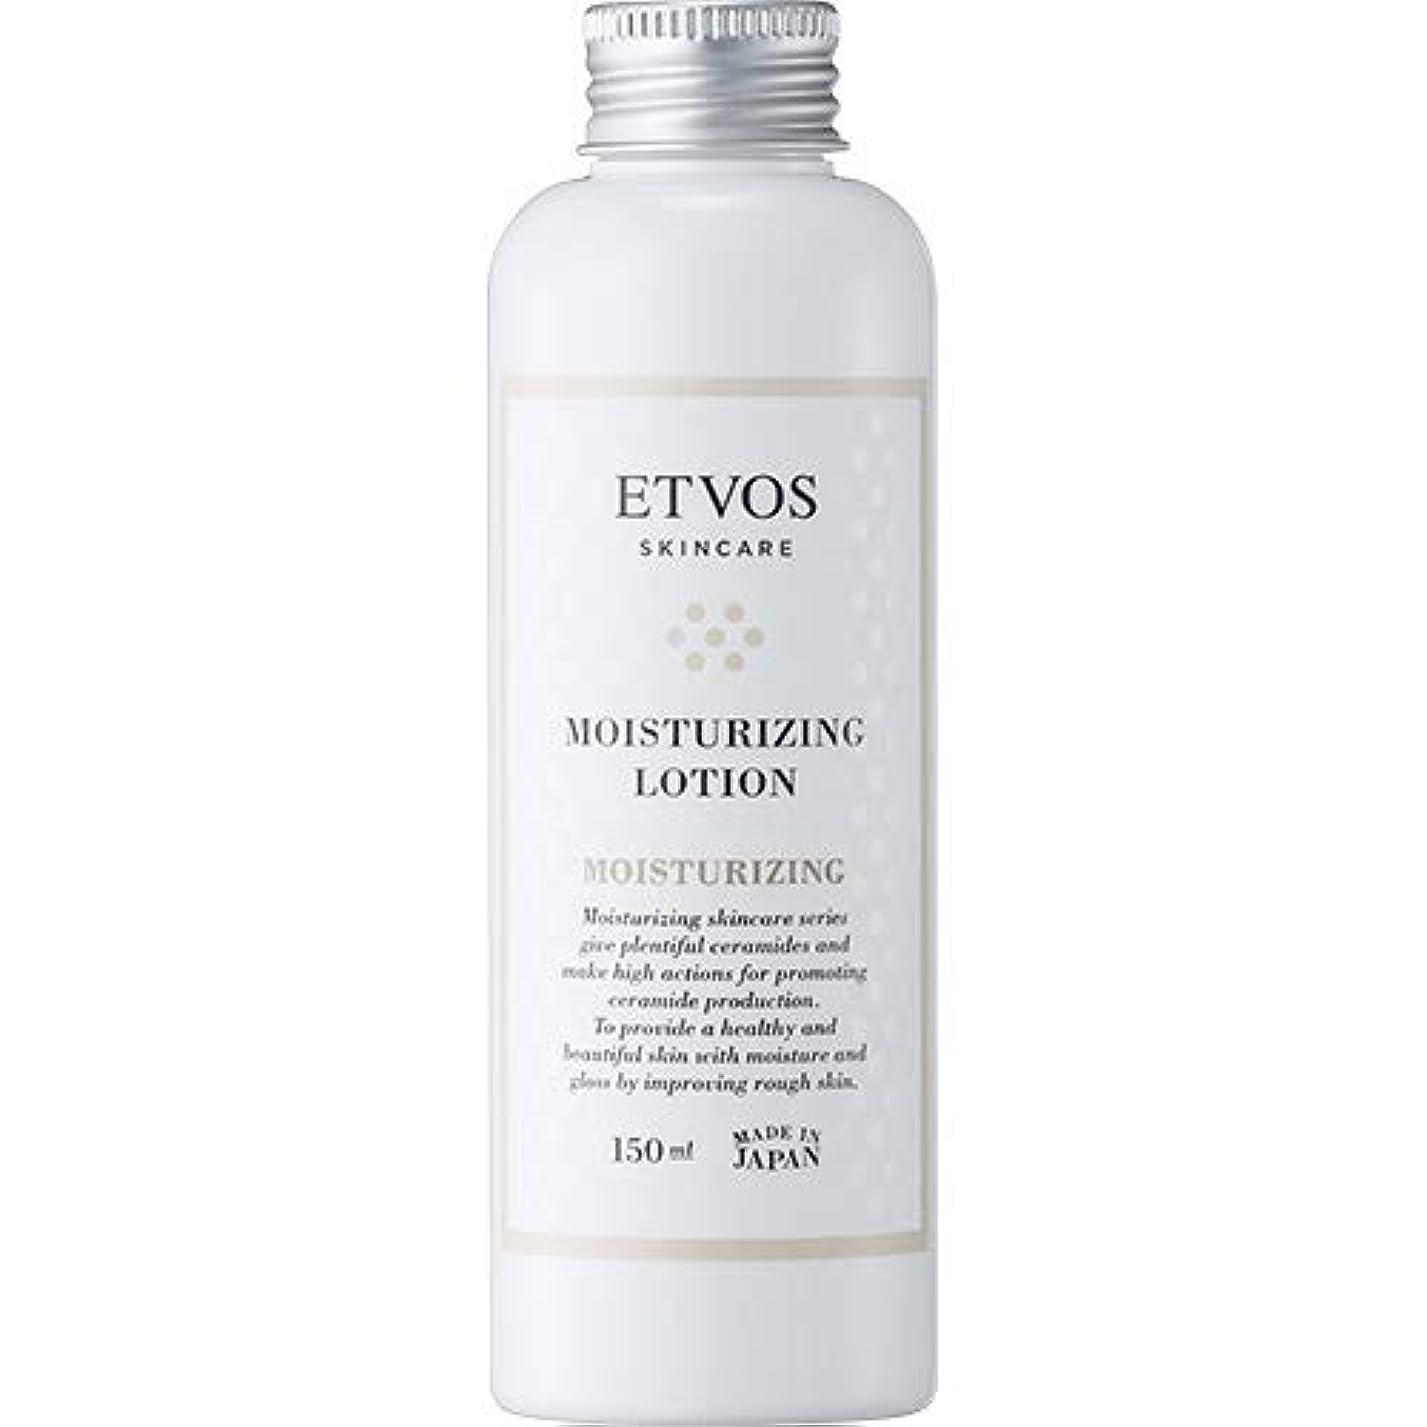 苦味コーナー無駄ETVOS(エトヴォス) 保湿化粧水 モイスチャライジングローション 150ml セラミド 乾燥肌 パラベンフリー